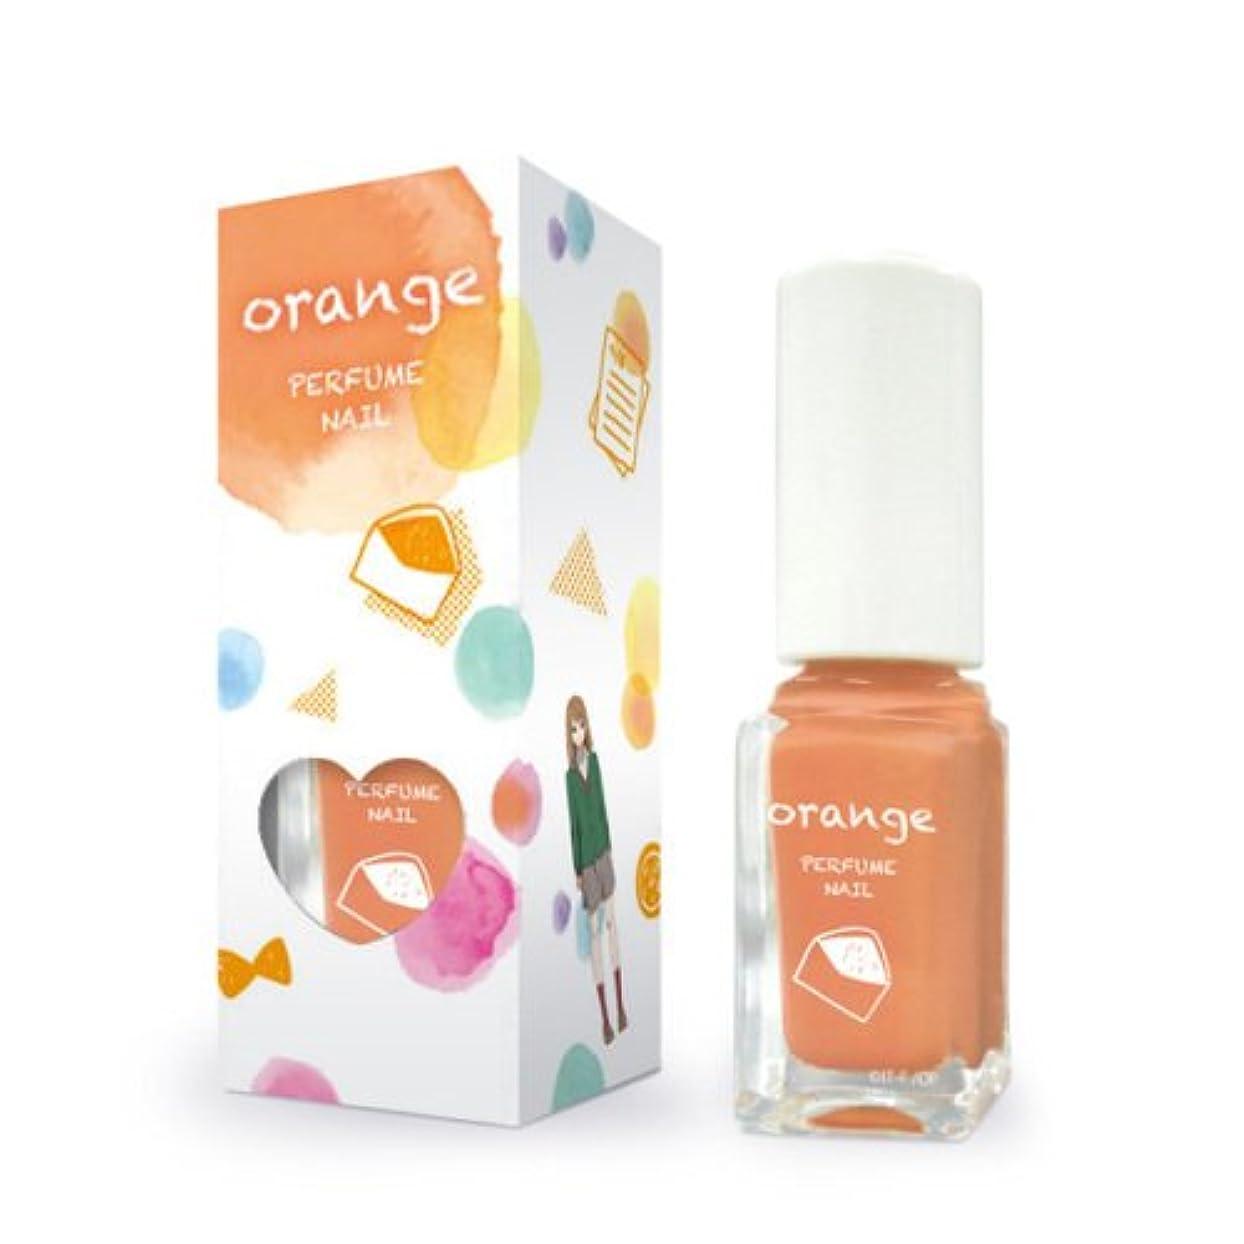 霧首尾一貫した象「orange」パフュームネイル